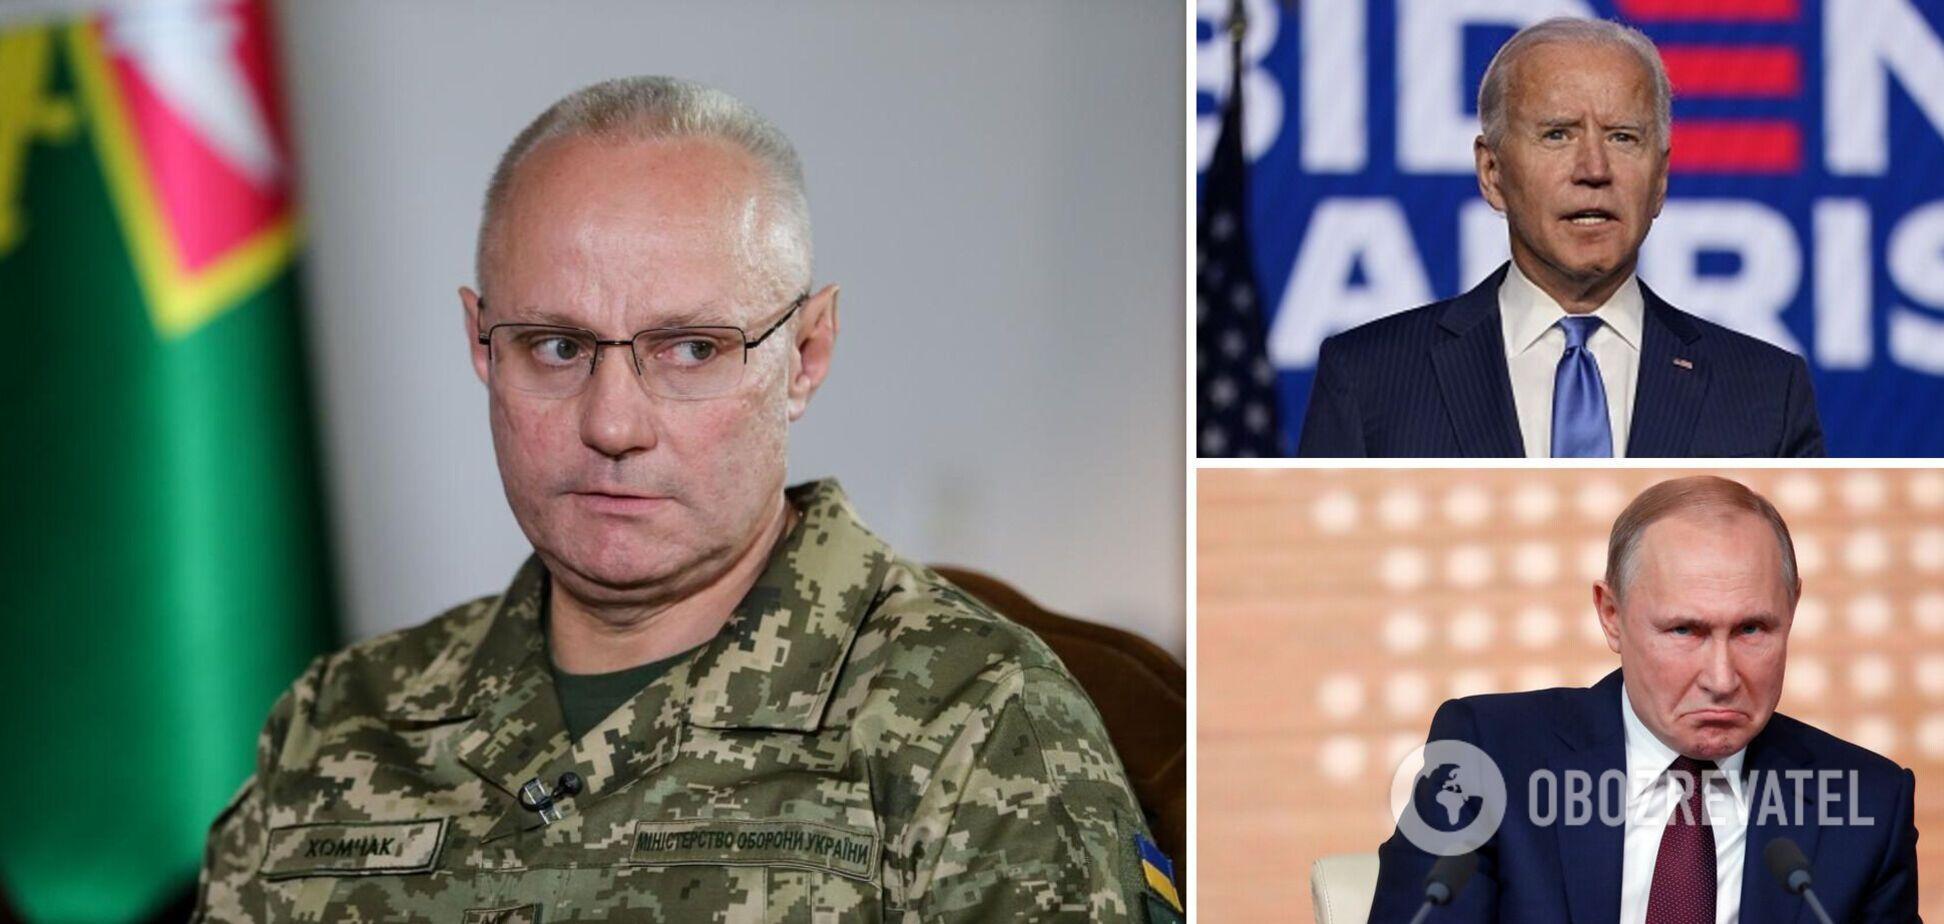 Хомчак подтвердил слова Байдена о Путине-'убийце'